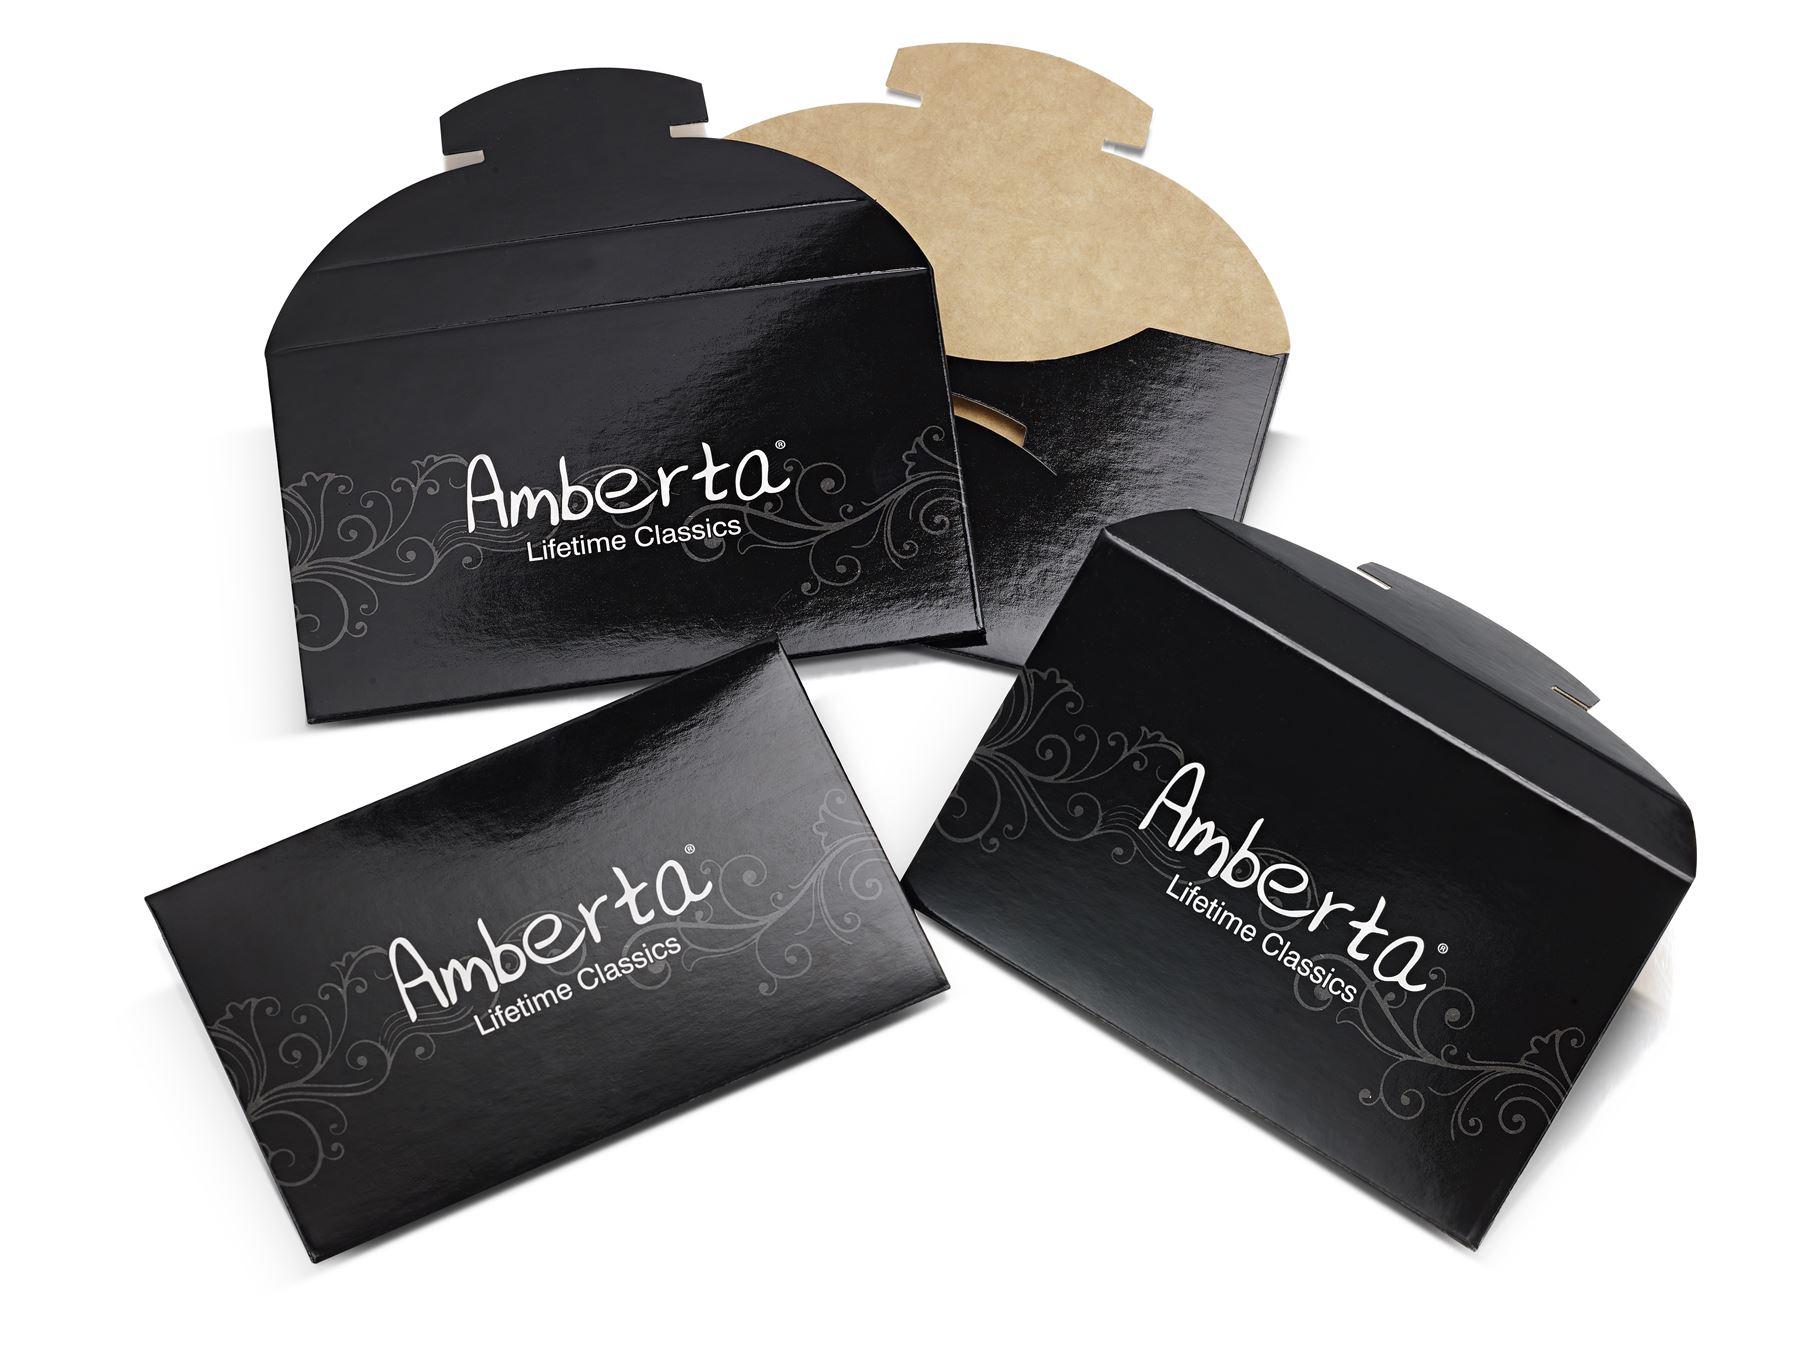 Amberta-Pendientes-para-Mujer-Aros-en-Plata-De-Ley-925-Autentica-Estilo-Clasico miniatura 40